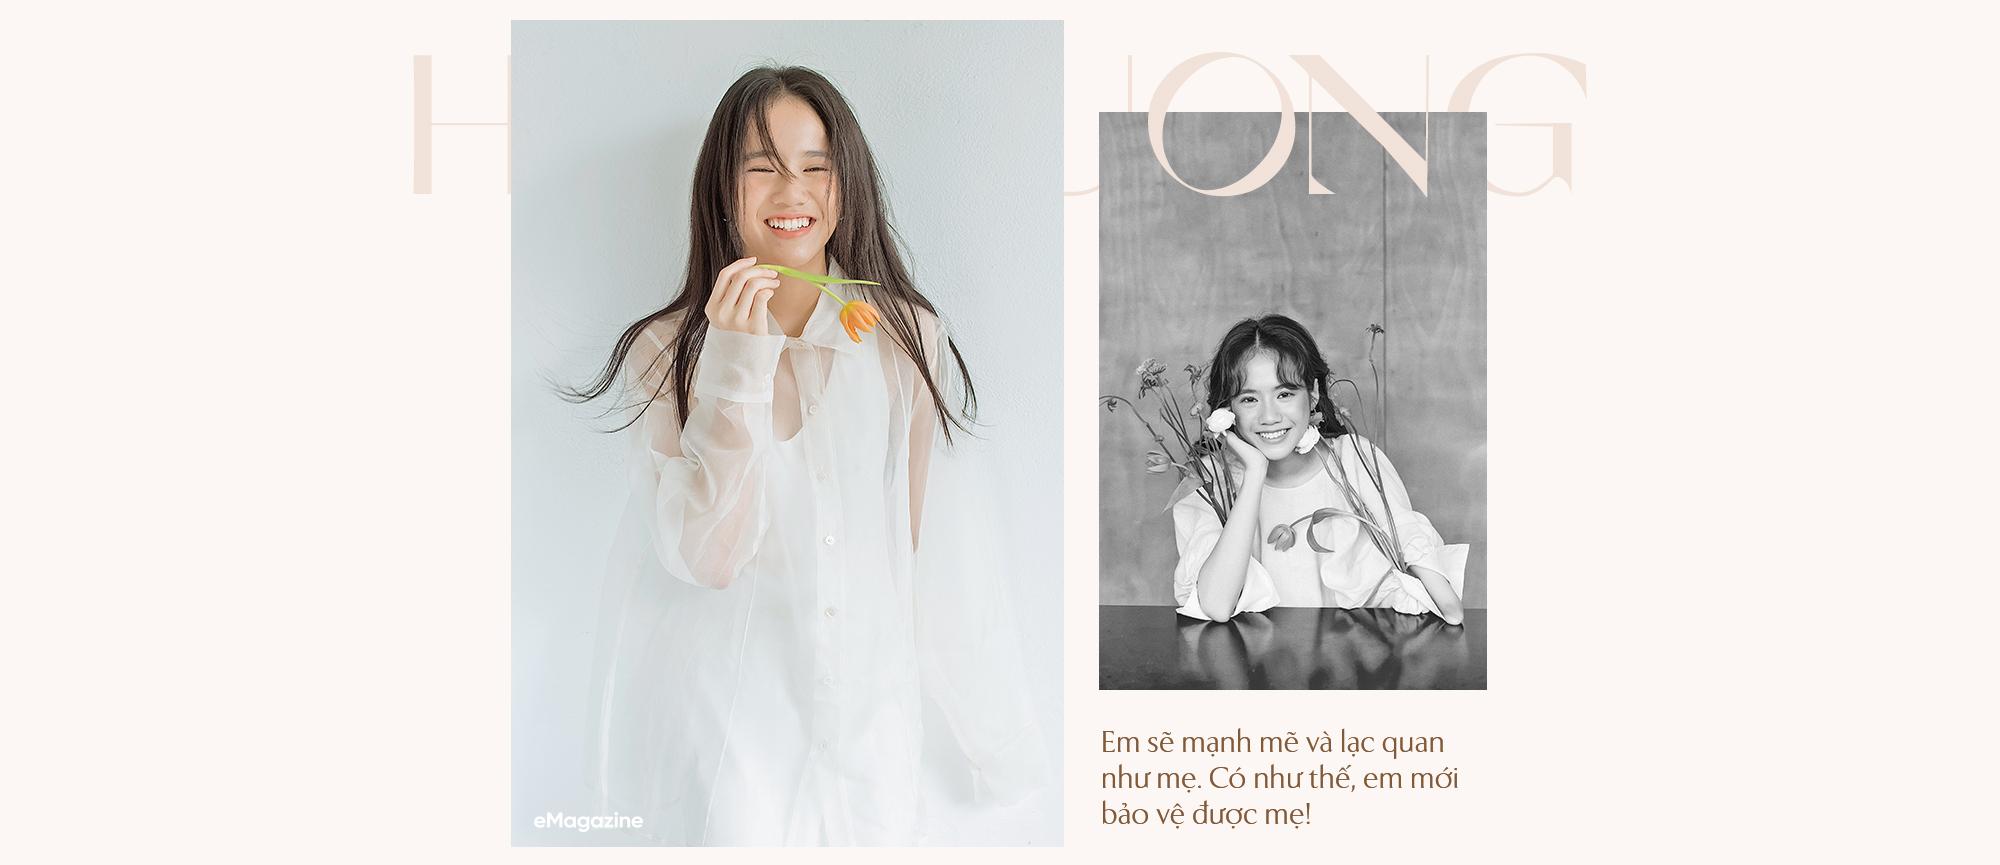 Hành trình hóa bươm bướm xinh đẹp của cô bé người mẫu 15 tuổi khuyết nửa cánh tay bẩm sinh - Ảnh 10.